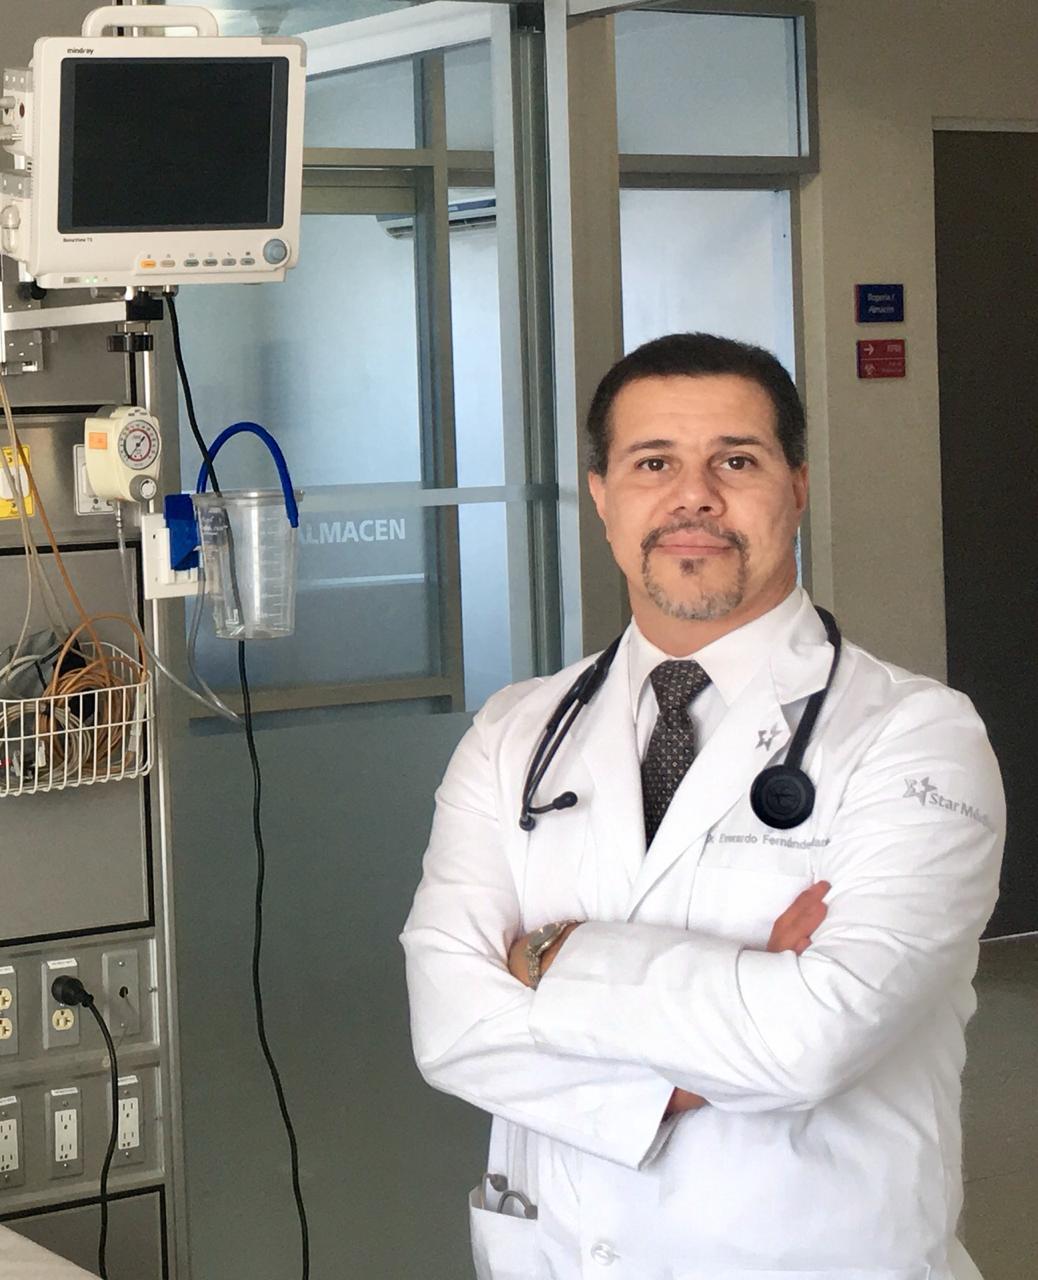 Dr. Everardo Fernández